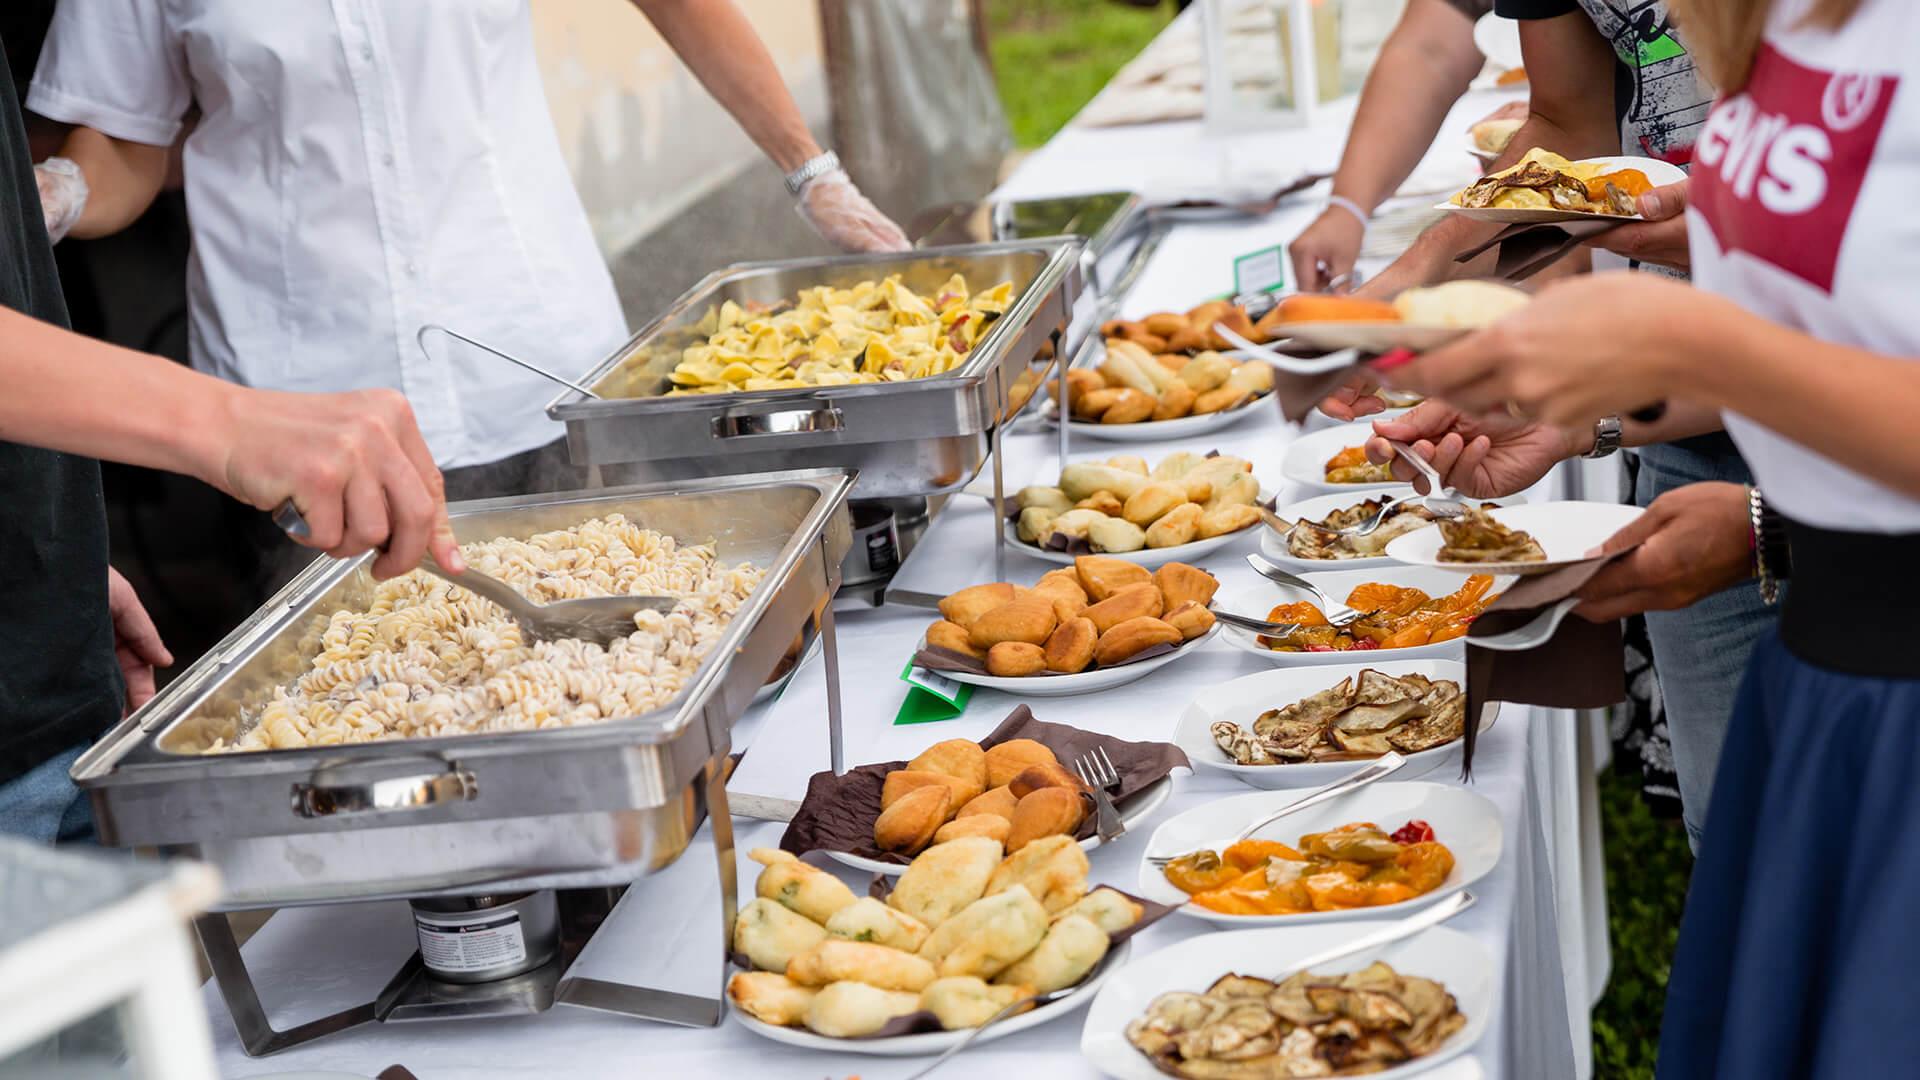 Servizio catering bergamo - buffet 1